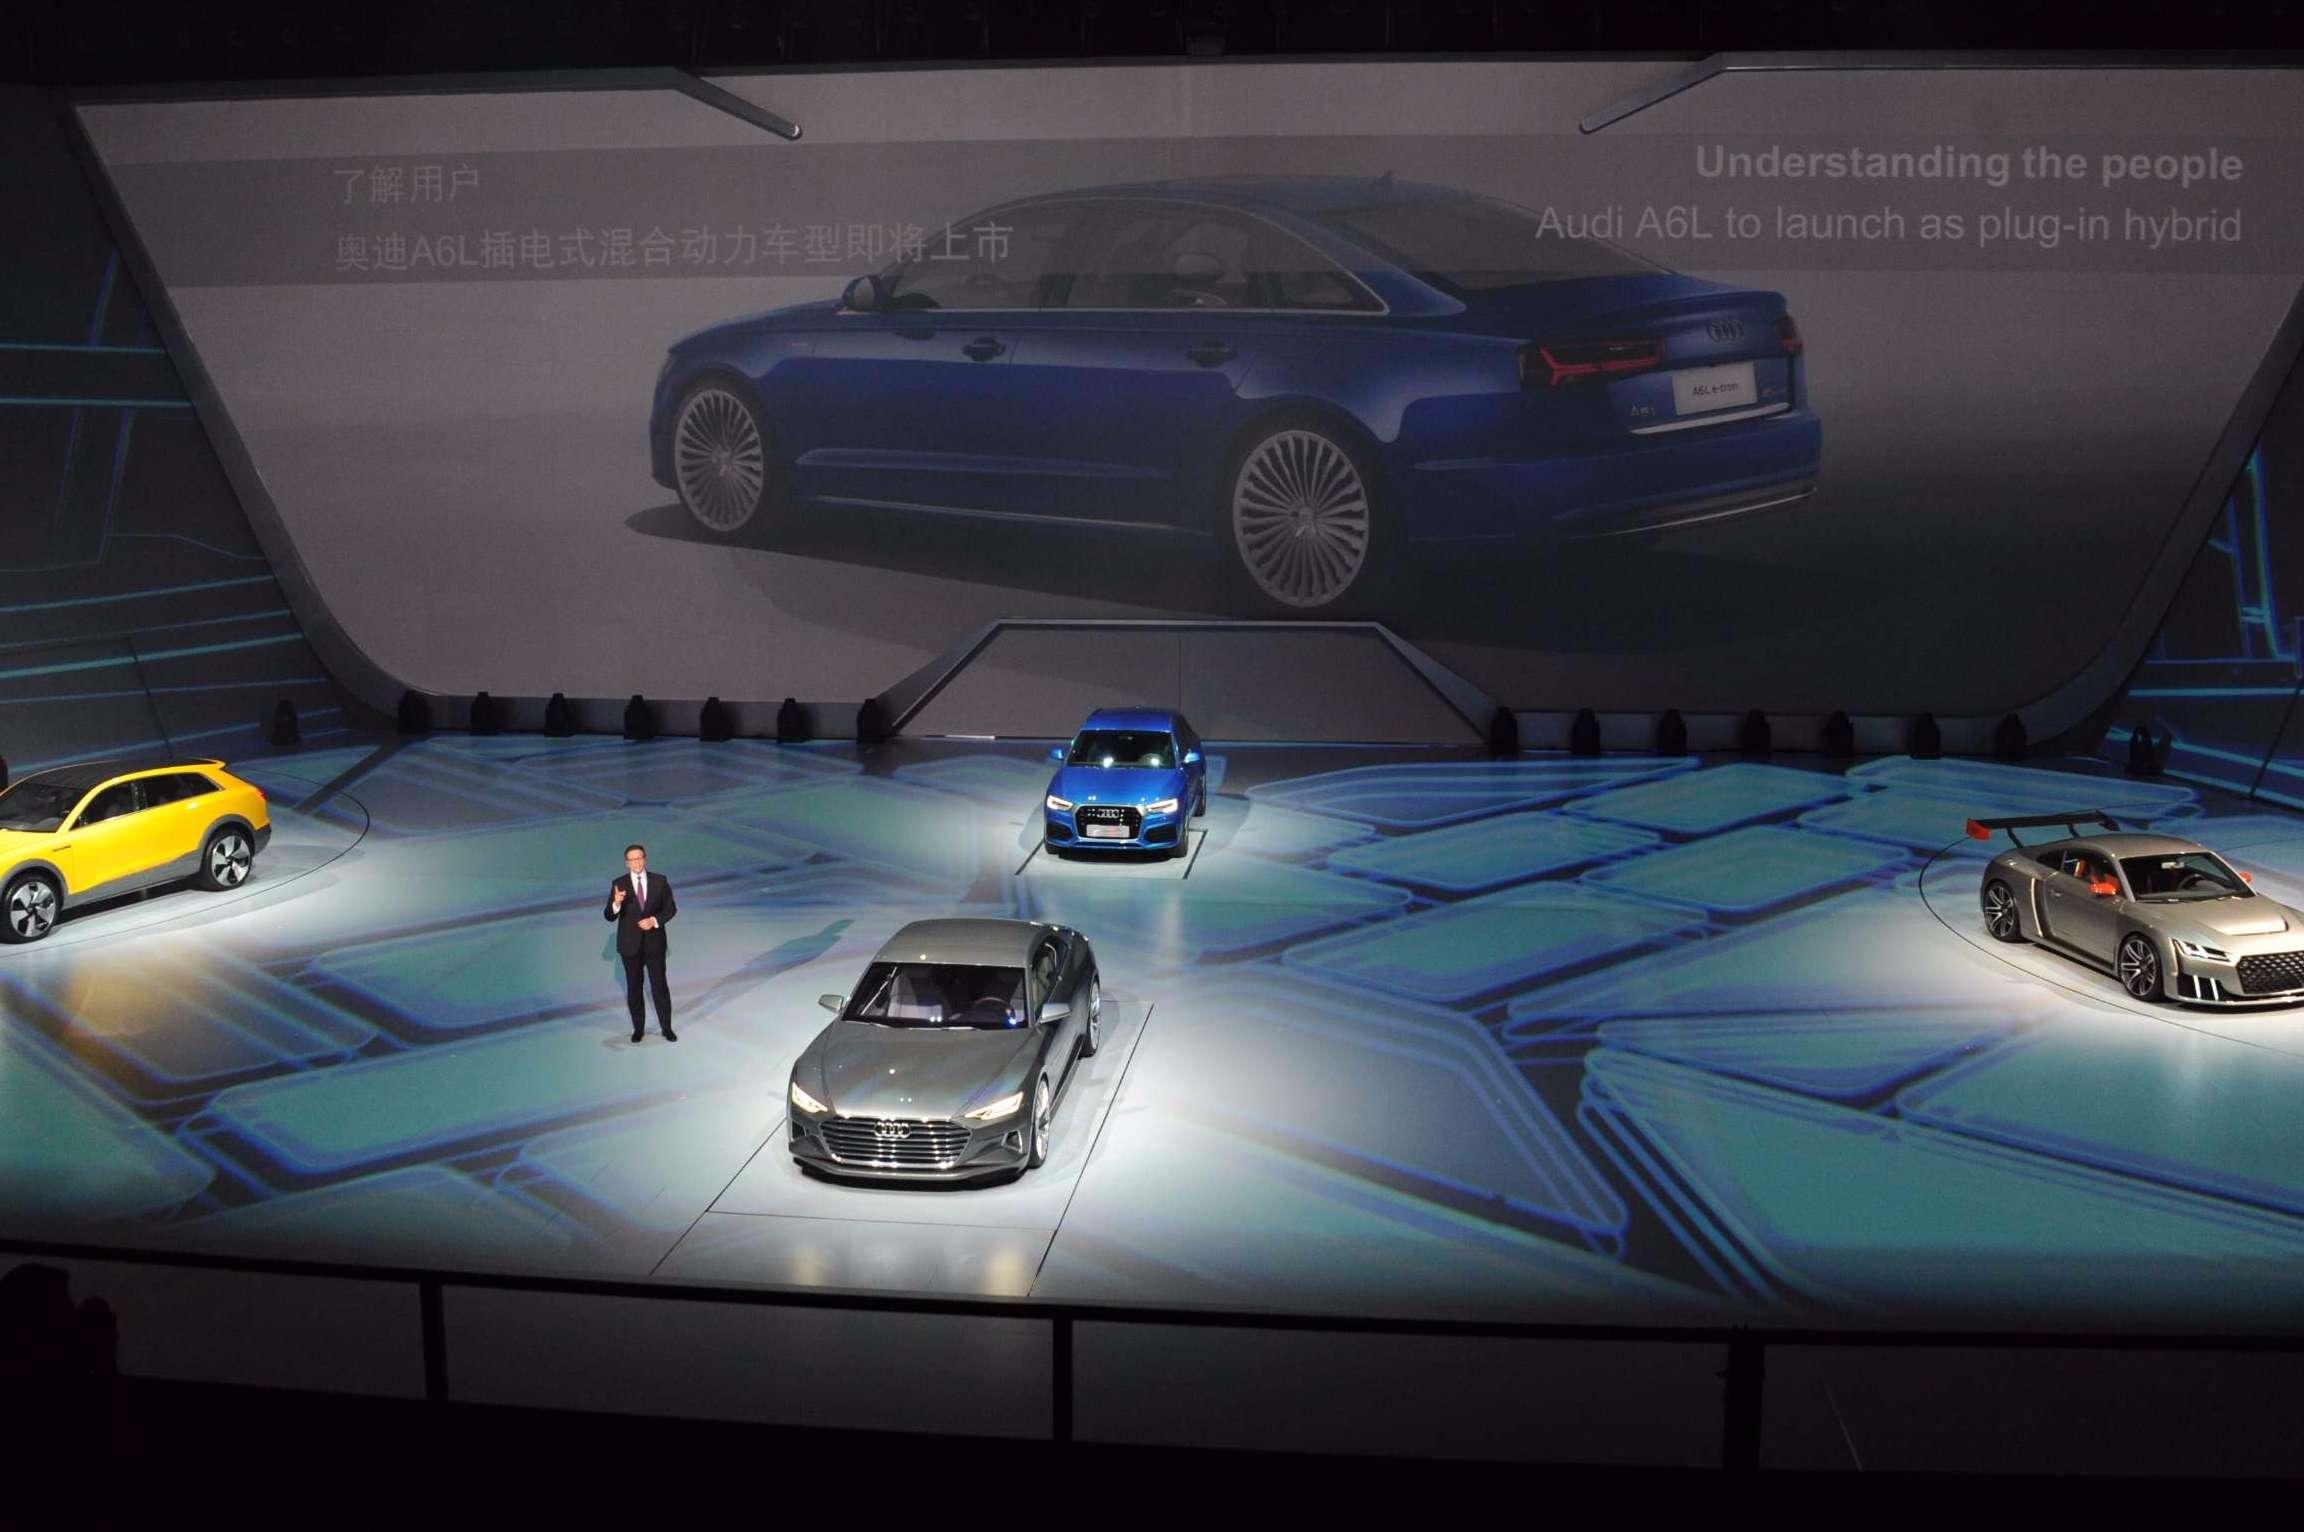 """""""作为一个有着超过百年历史的高档汽车品牌,奥迪在'突破科技 启迪未来'理念的指引之下,不断改变自我、改变行业、改变历史,并一直保持在科技领域的领先。""""奥迪股份公司管理董事会主席施泰德表示,""""在最新的奥迪2025战略中,'数字化'、'可持续'、'城市化'是我们面向未来的战略洞察。面对正在发生的汽车变革,奥迪比任何其他品牌都准备得更为充分,而中国市场,将是实现战略目标的重要一环。"""